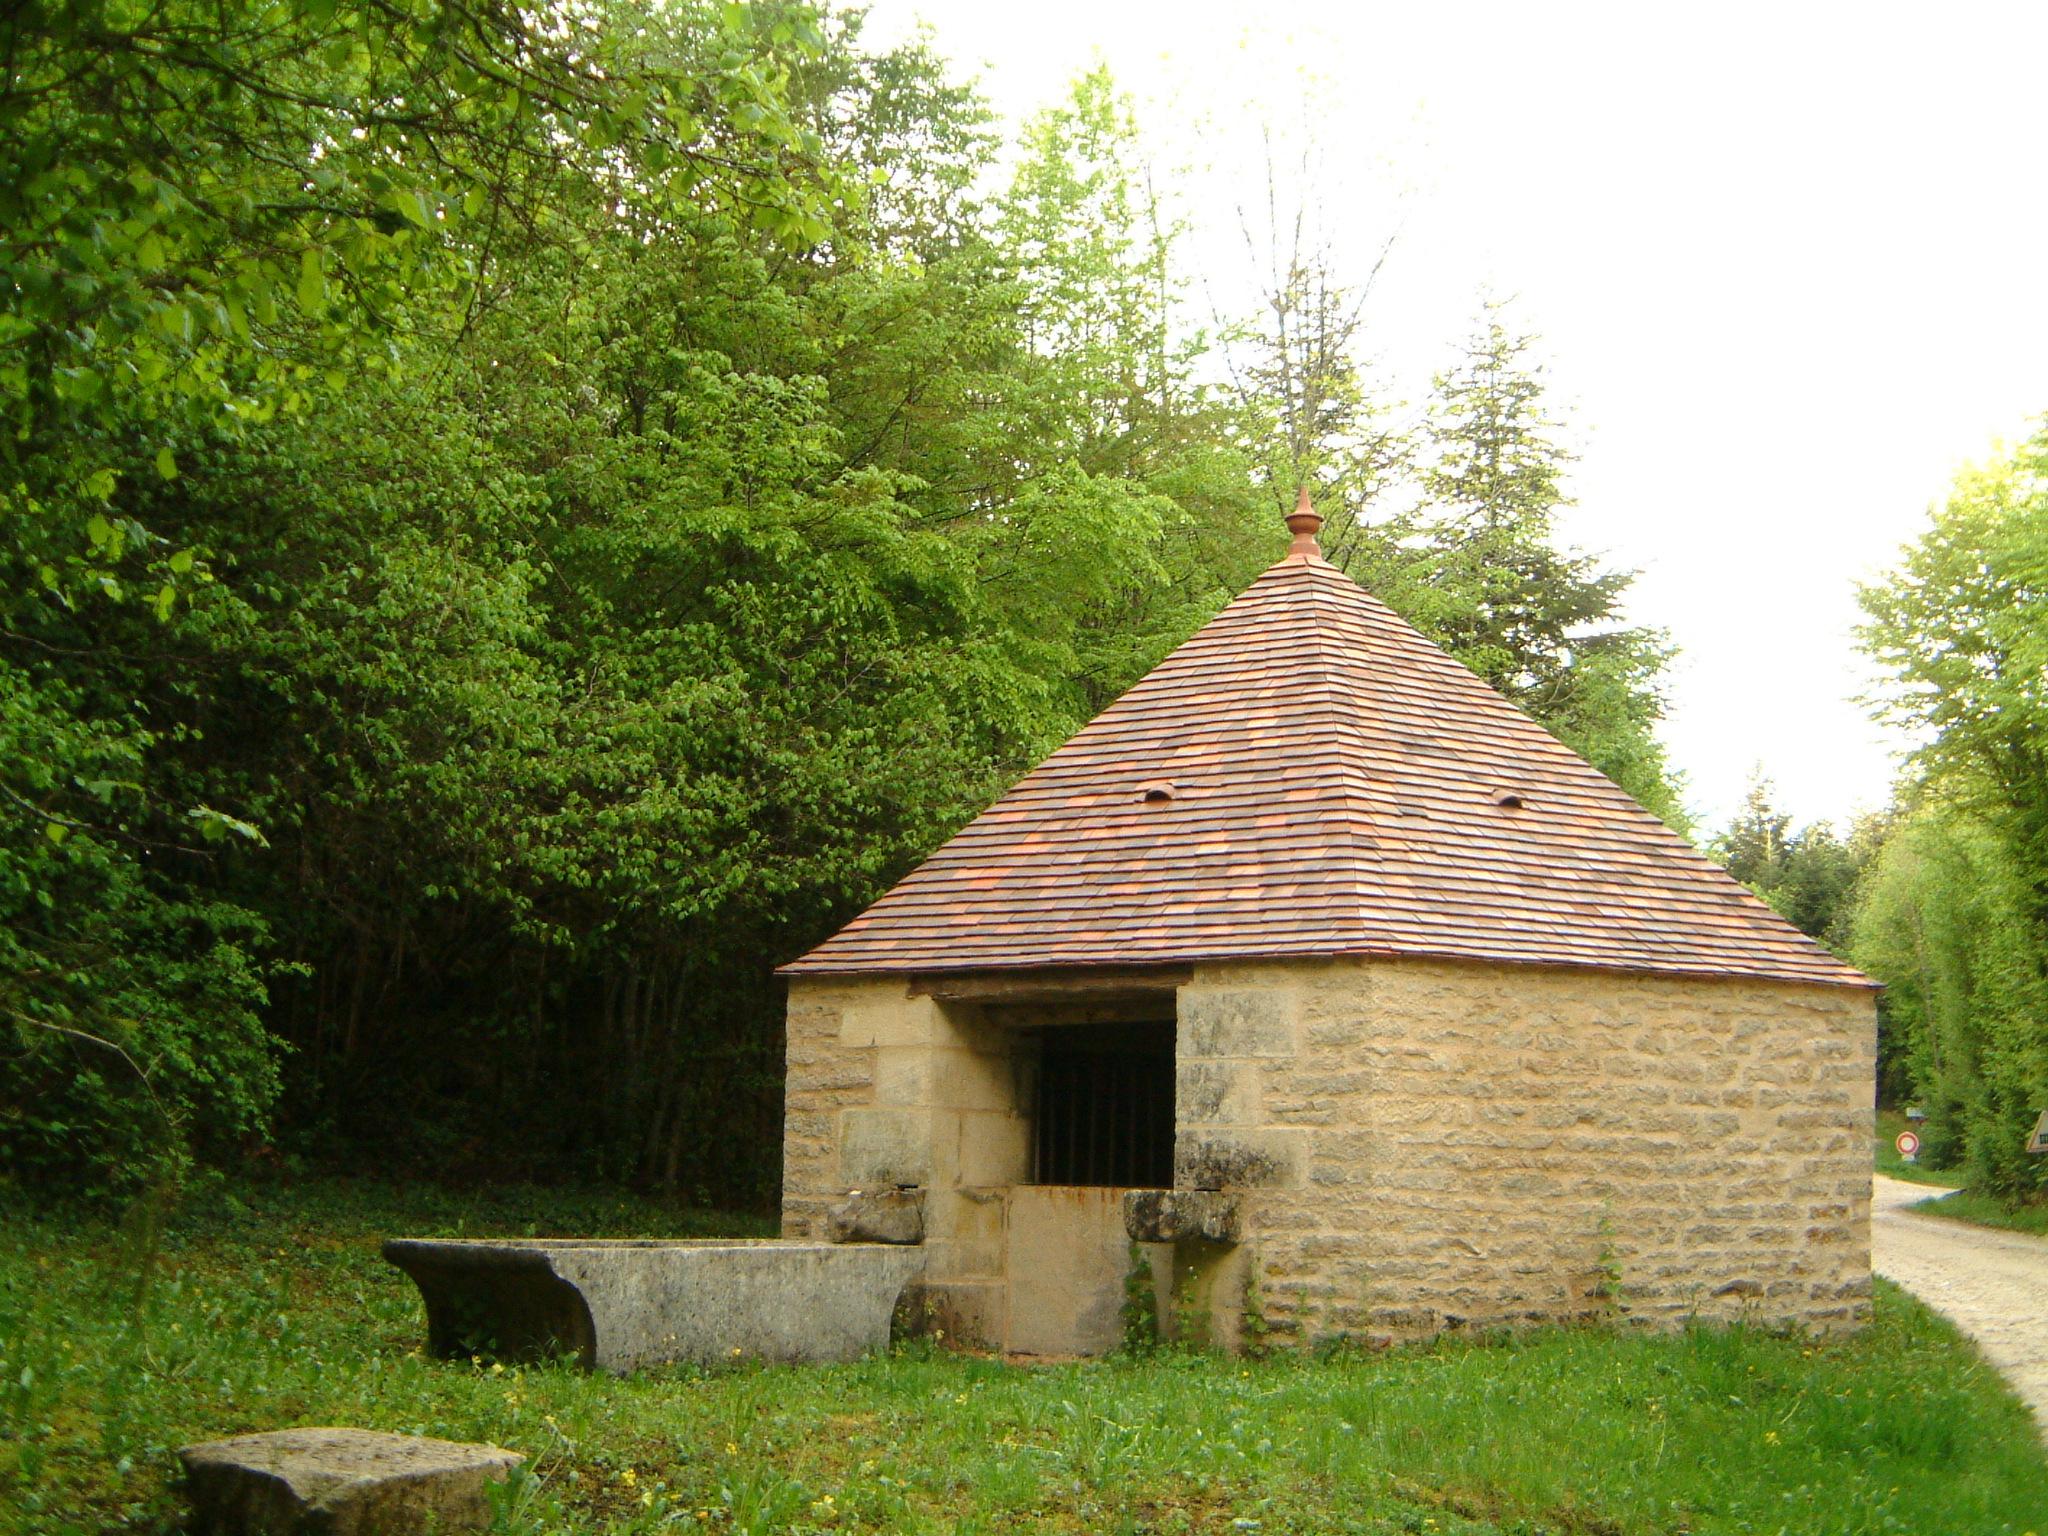 Bois De La Saulx poiseul-les-saulx, echo des communes